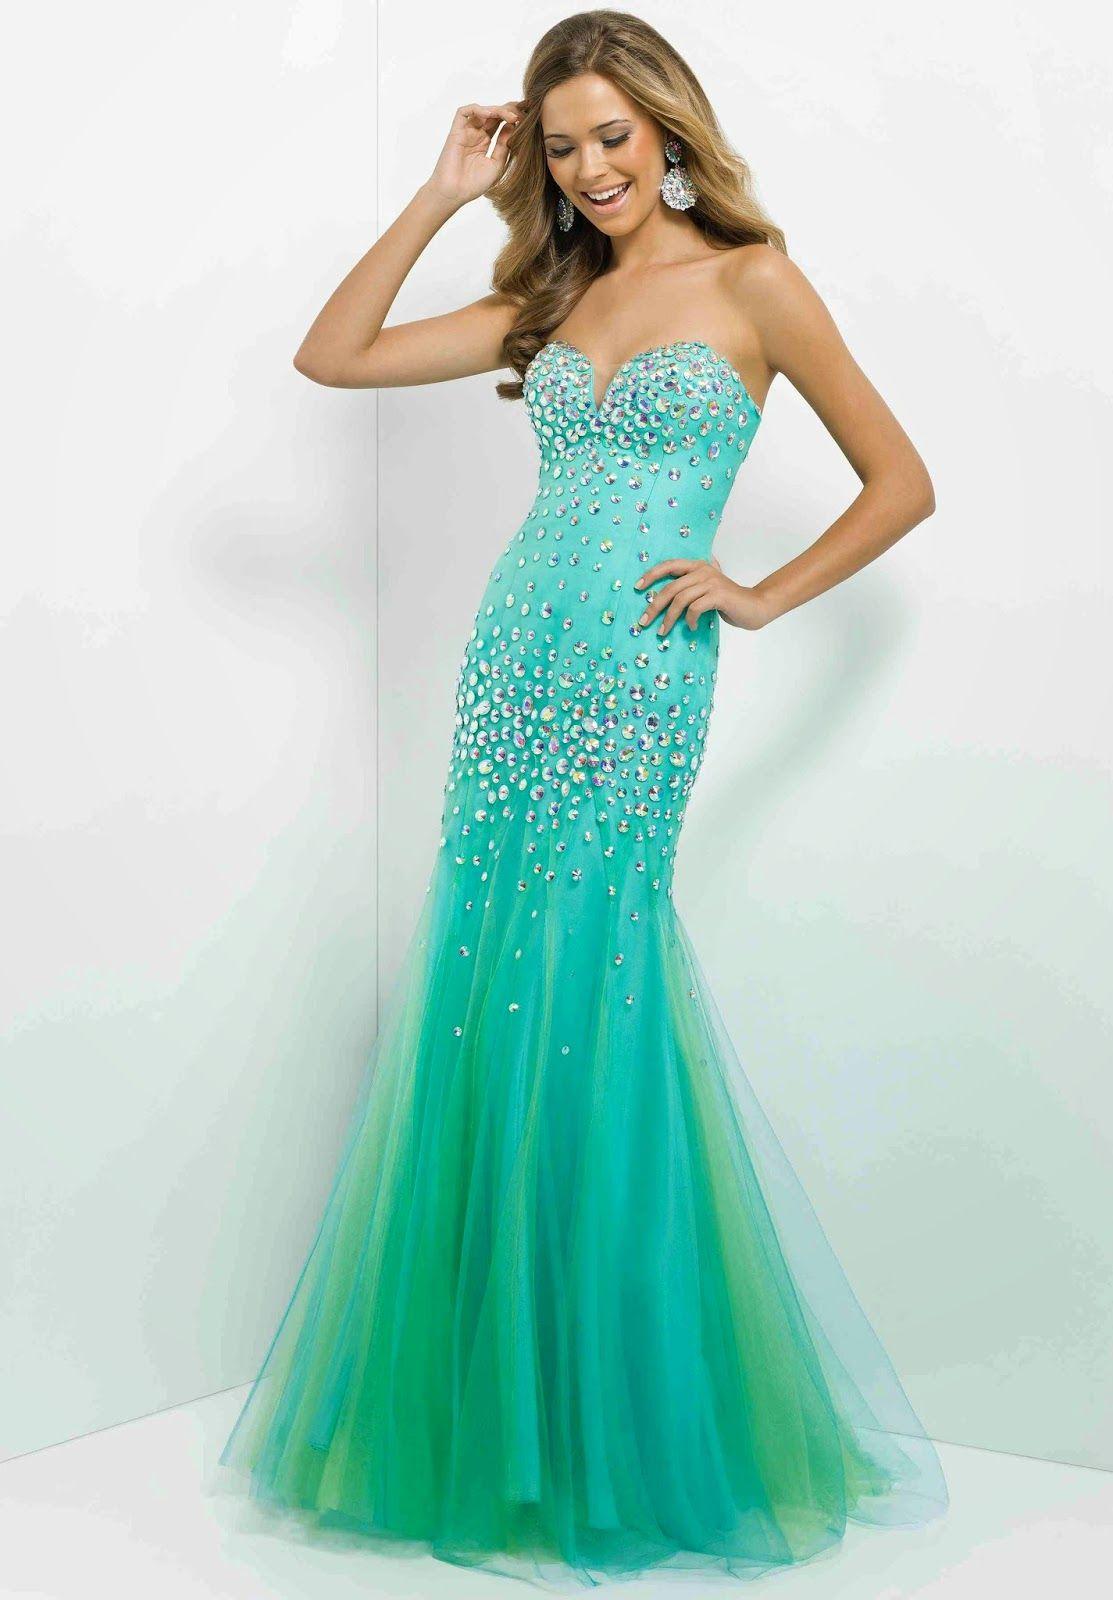 Estupendos vestidos de fiesta | Moda y Tendencias | Ropa de ...